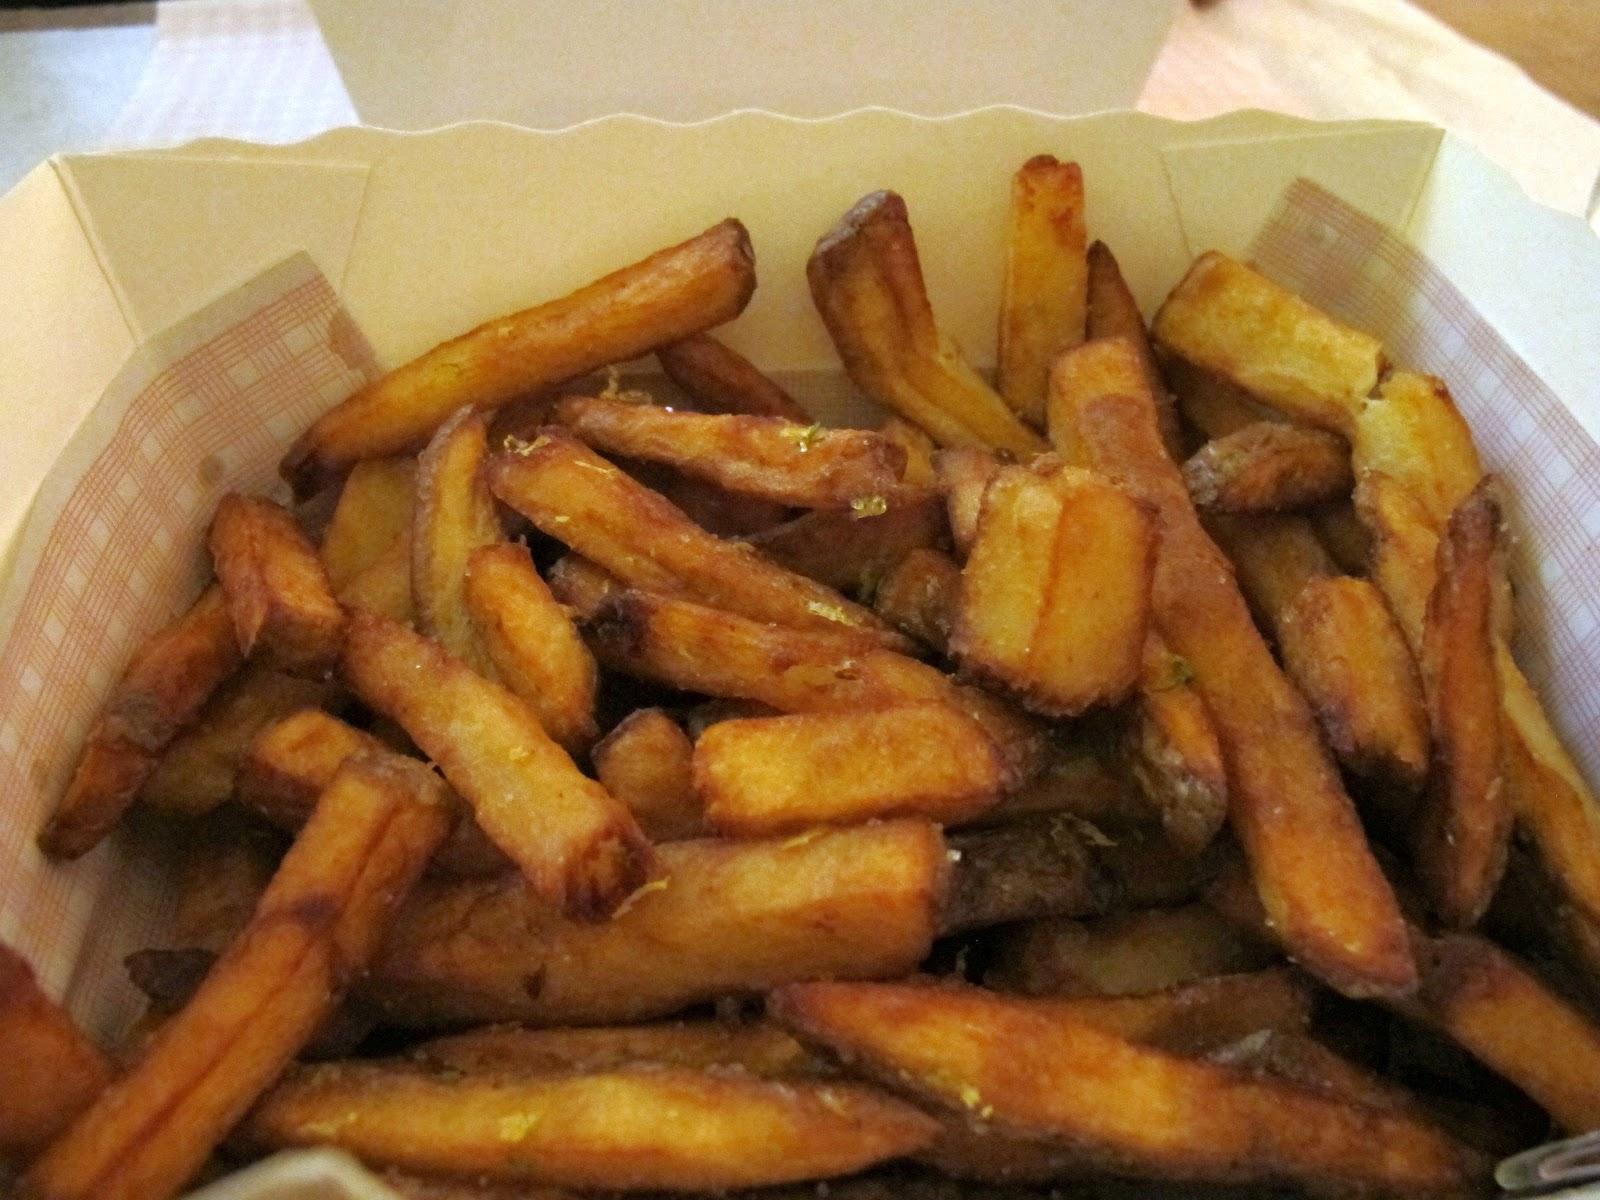 ... les halles new 1 les halles fries tony les halles fries fries off to